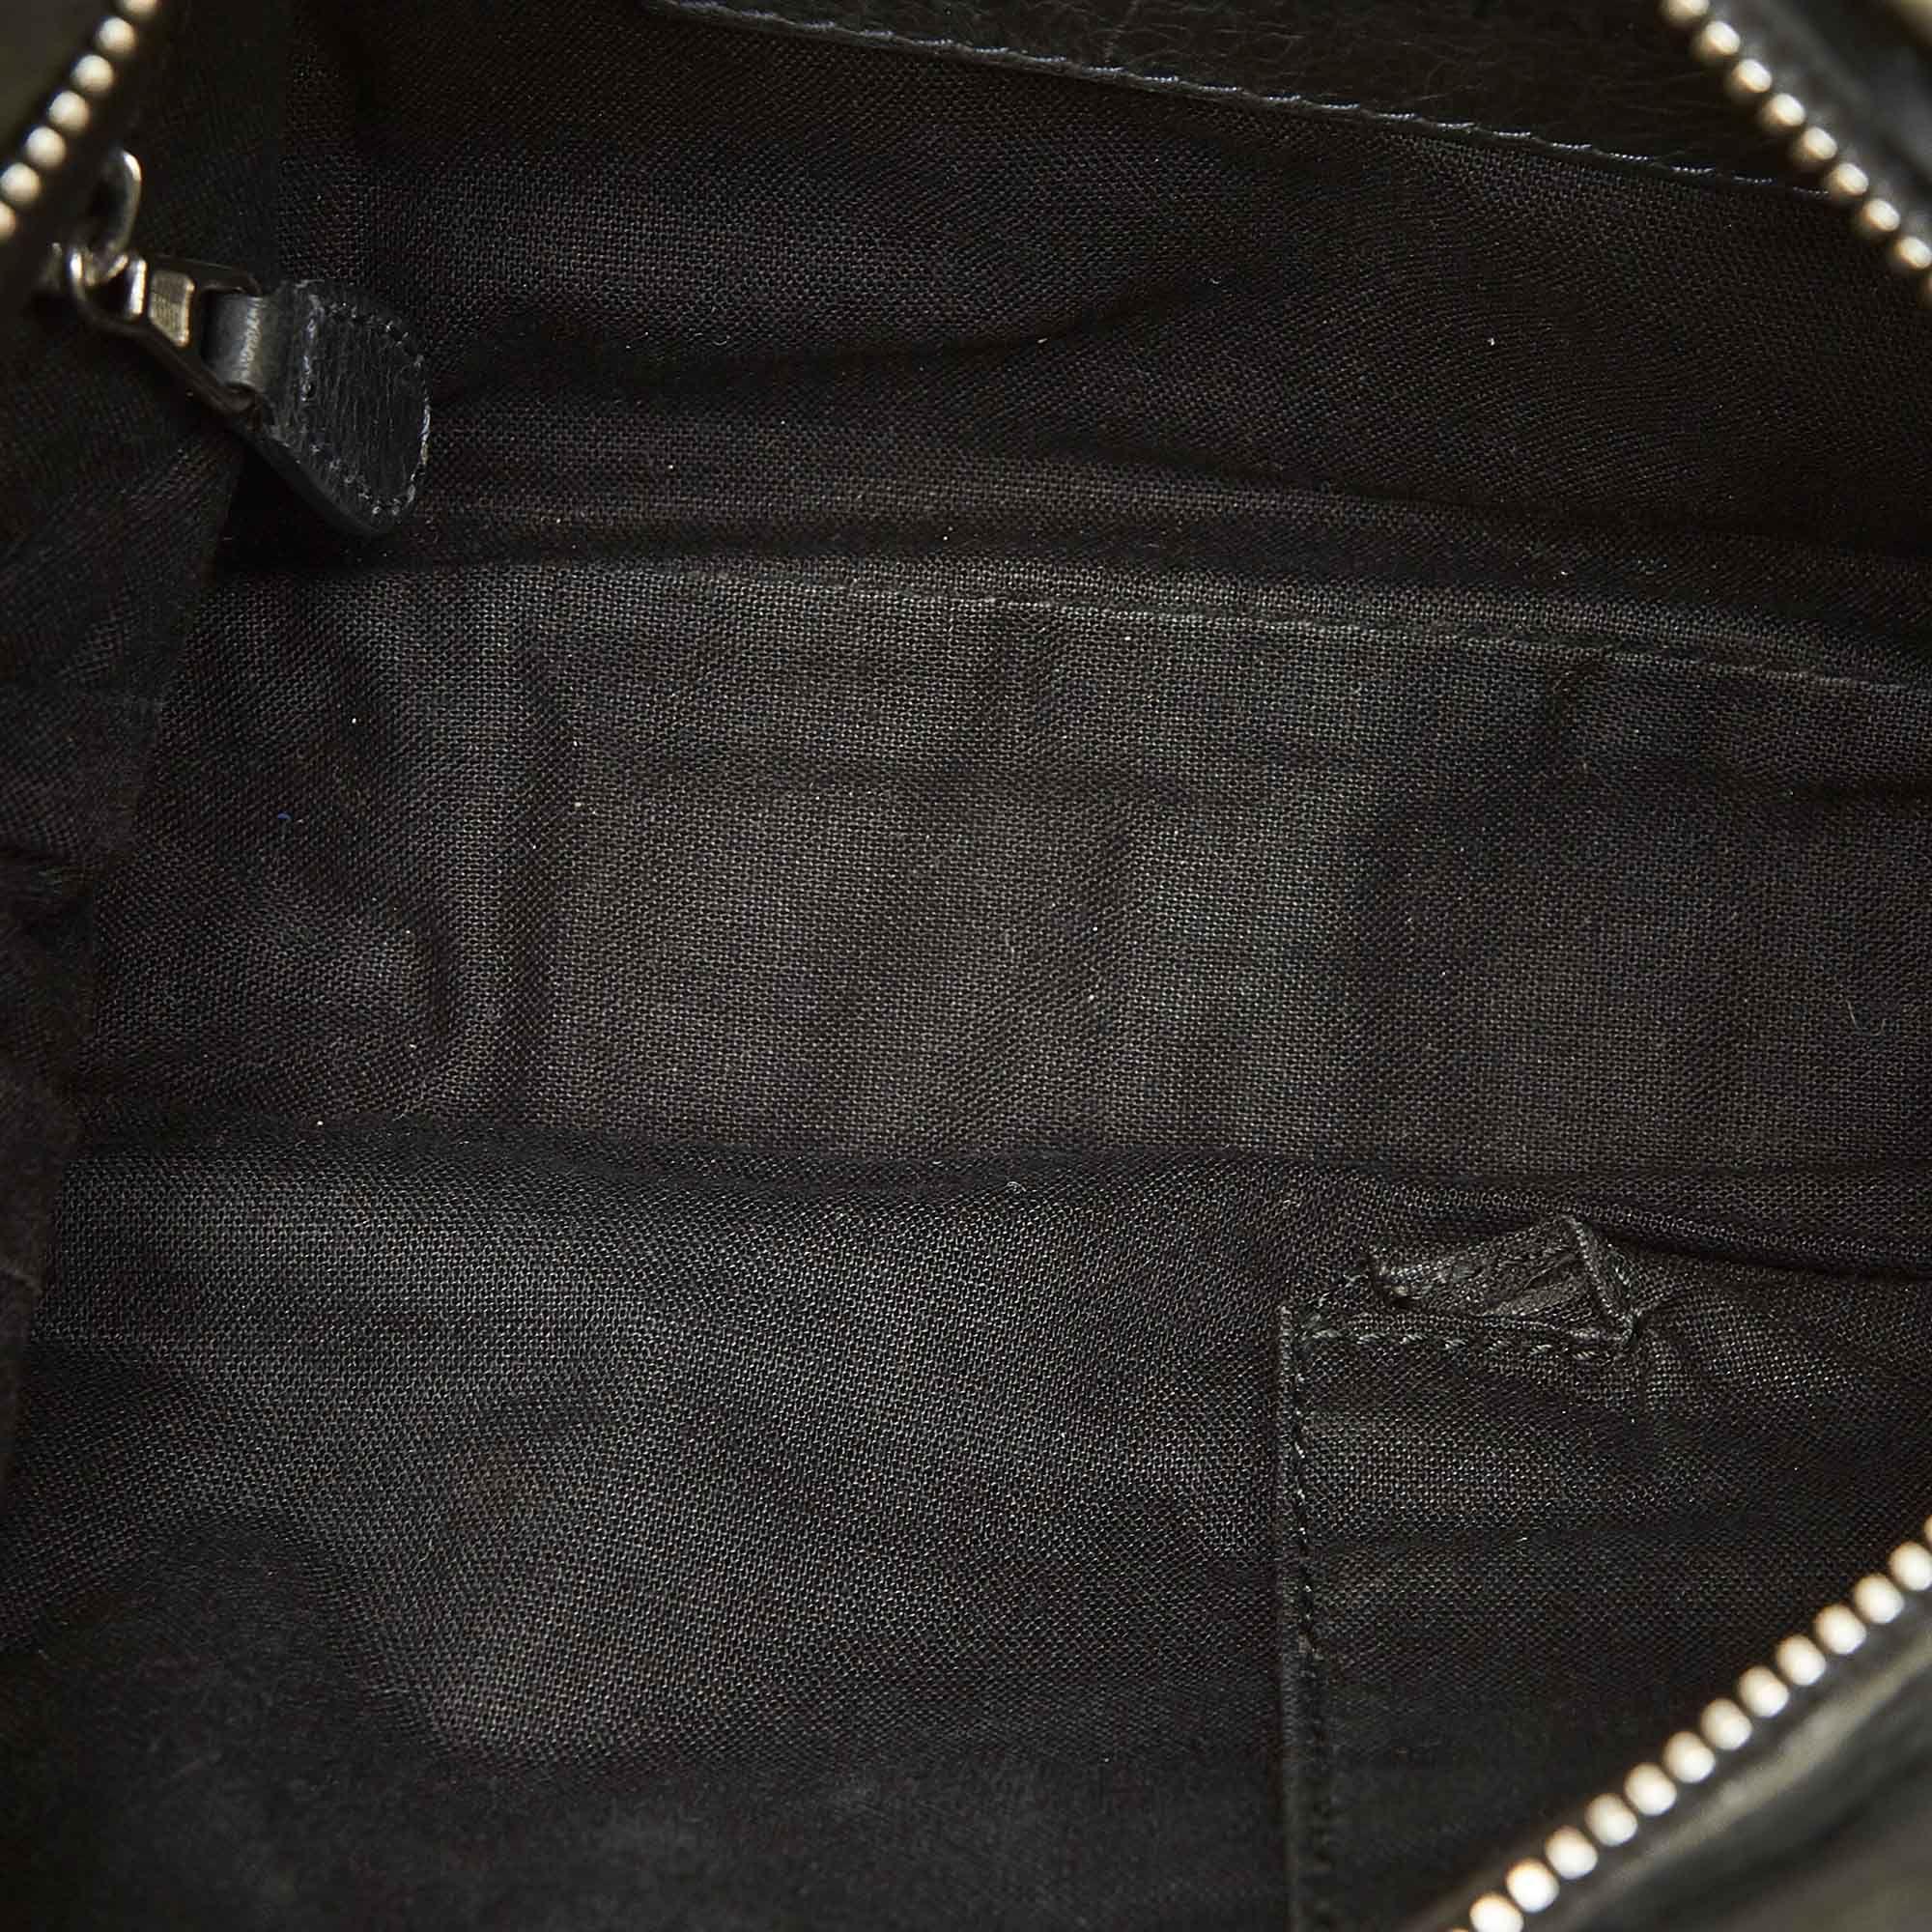 Vintage Balenciaga Leather Crossbody Bag Gray